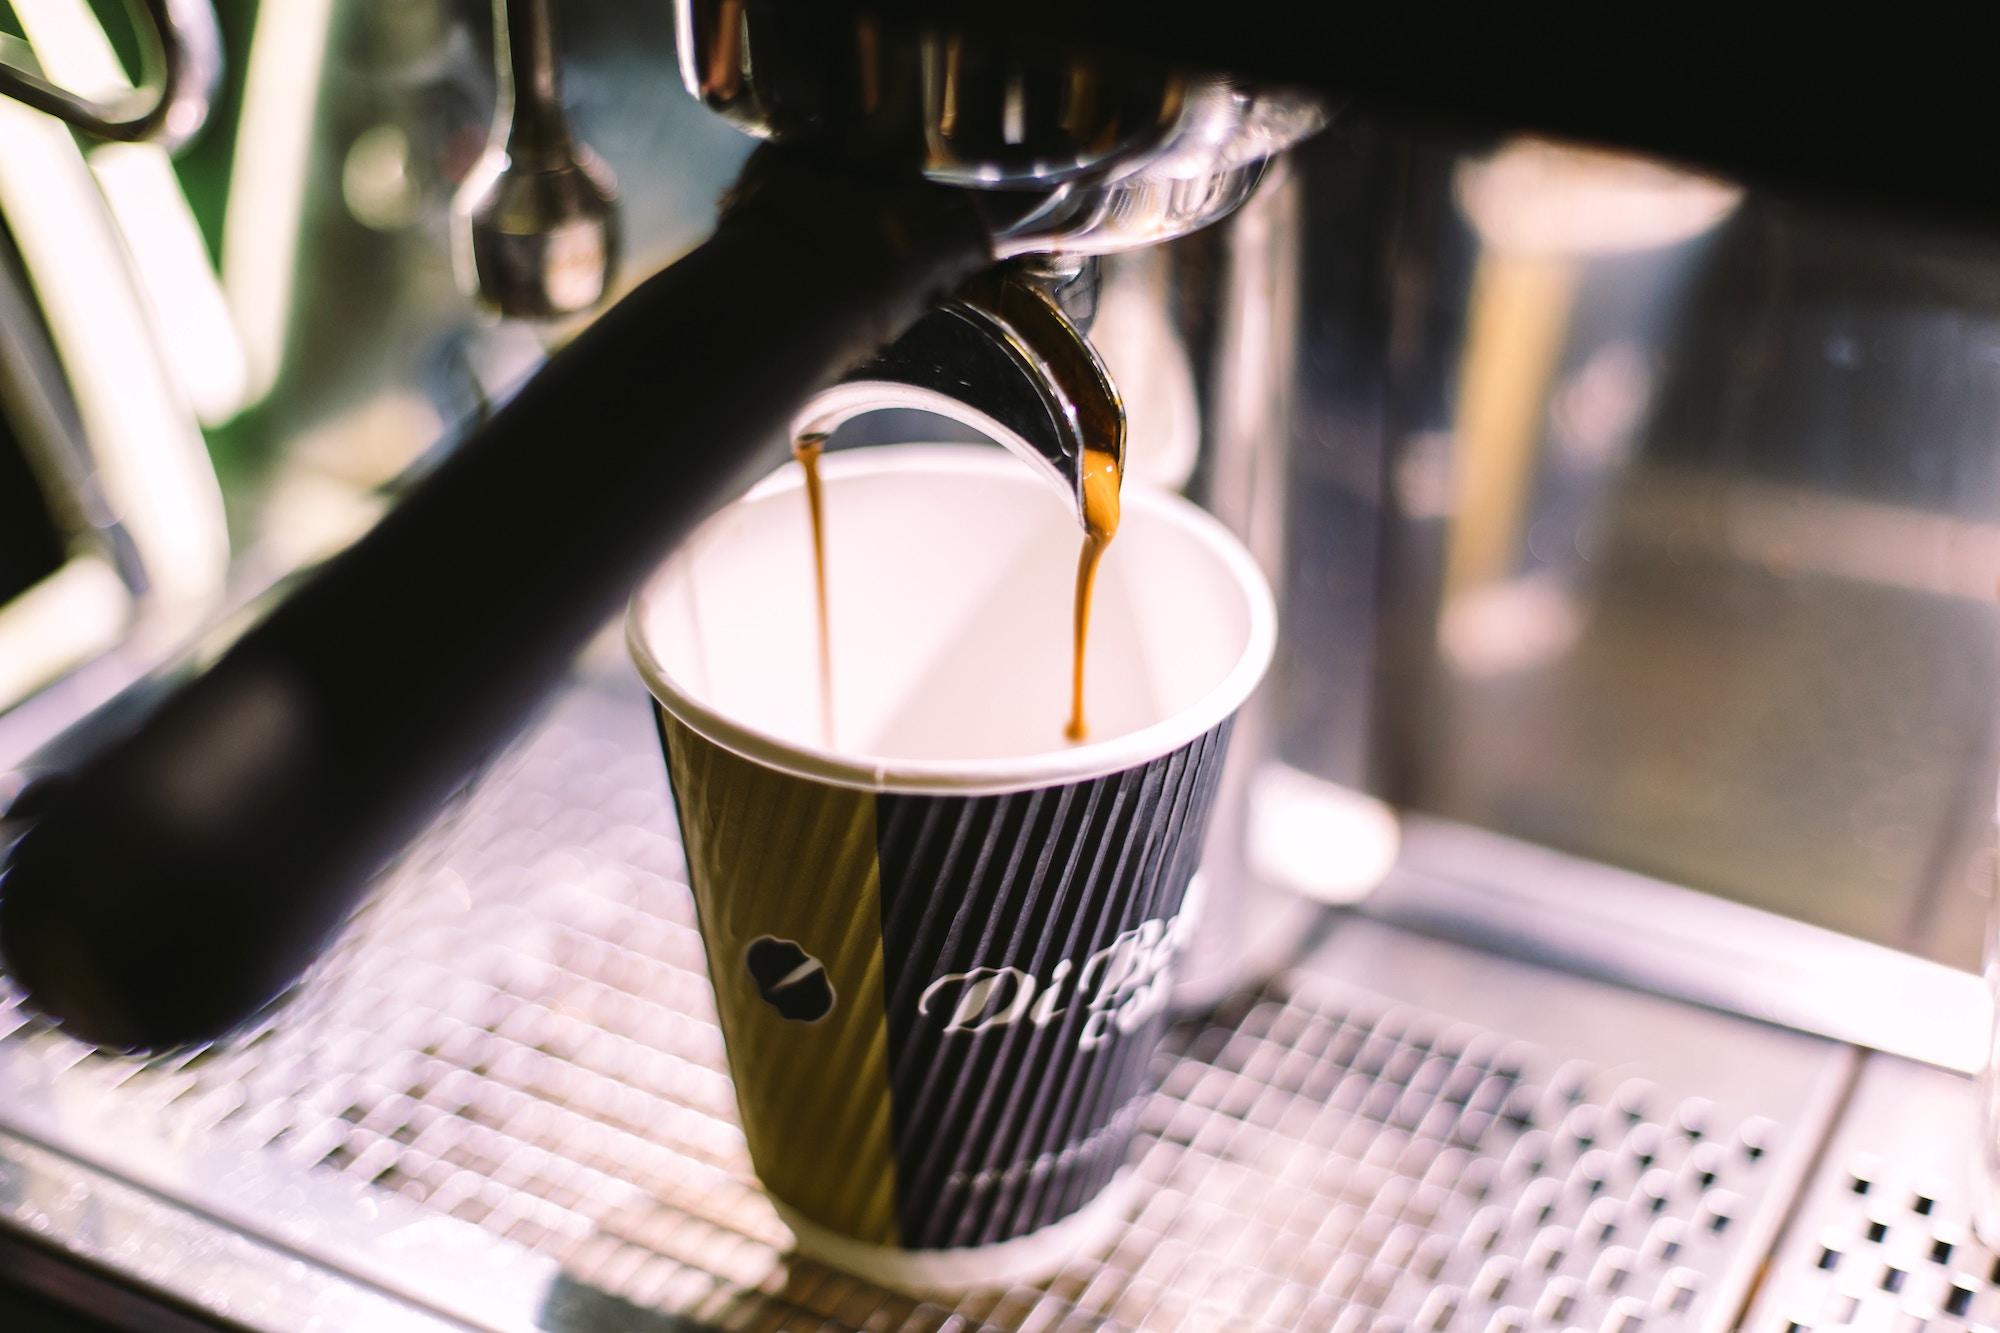 Ukraїnśka kompanija vypustyla їstivni kryšečky dlja «kavy z soboju»